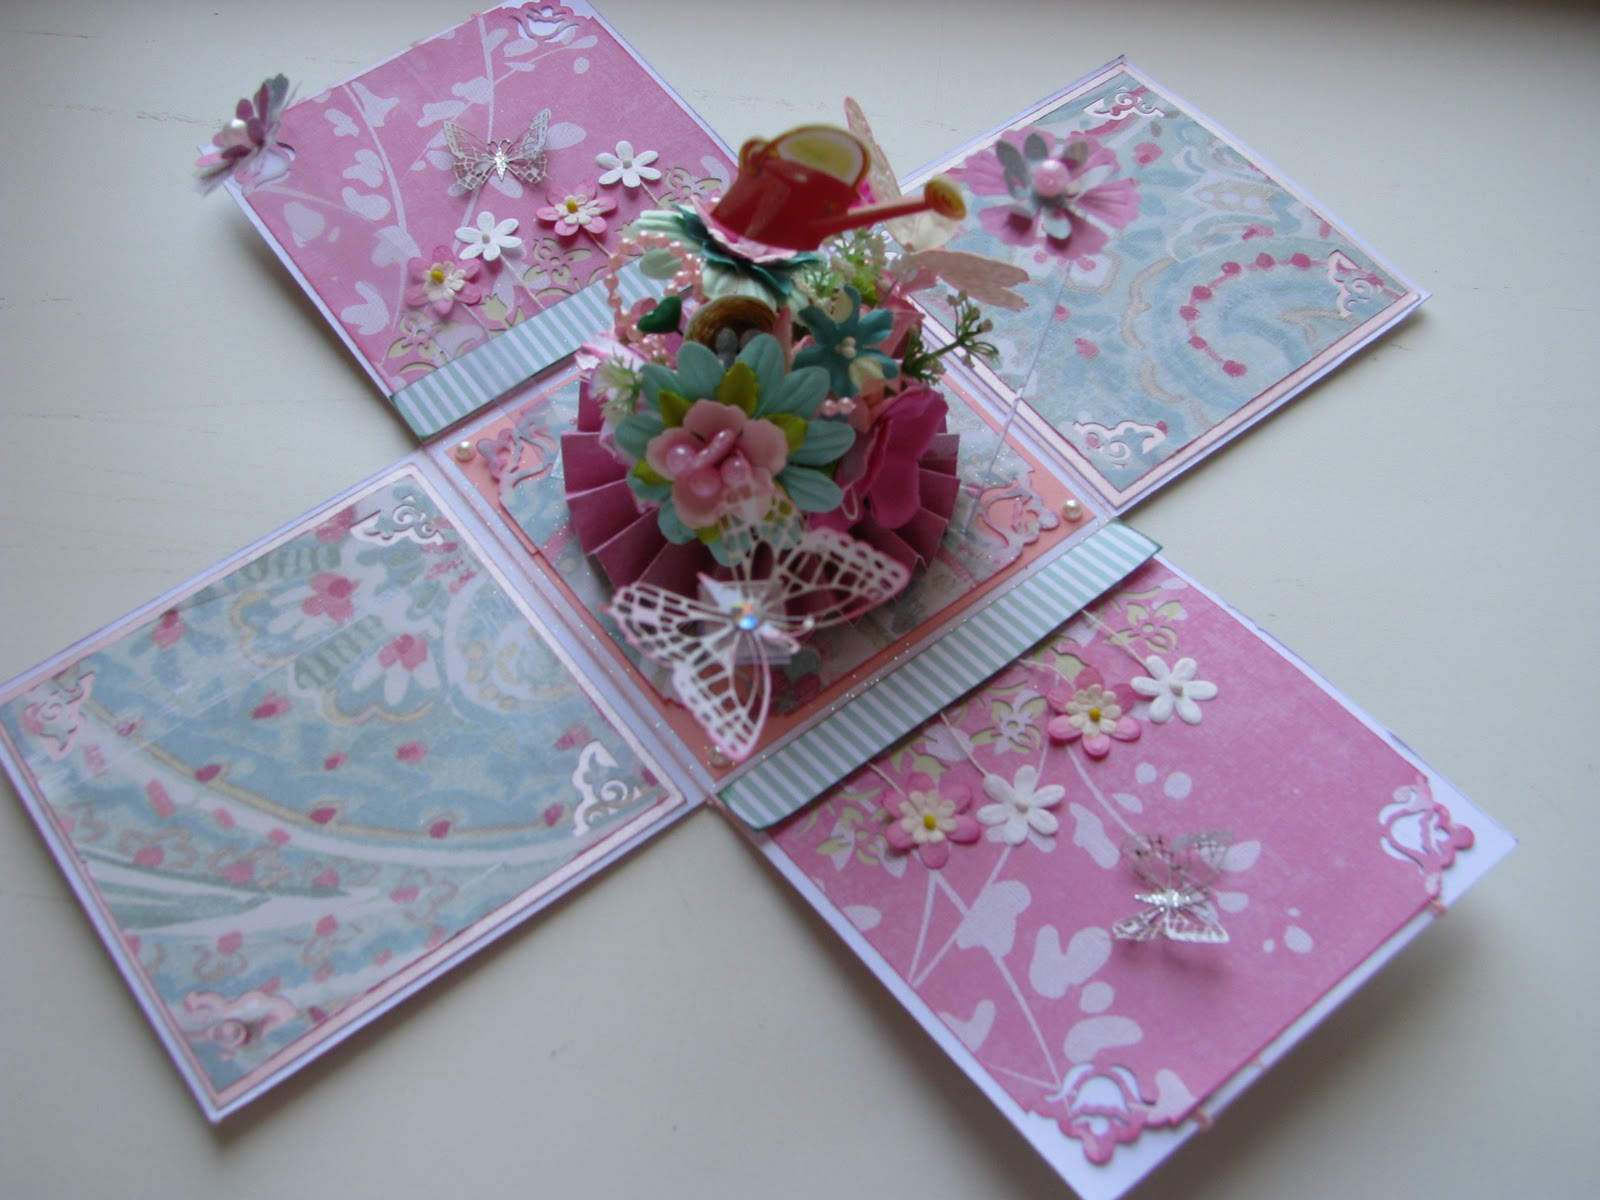 Сладкий подарок девочке на день рождения - Сладкий подарок 88